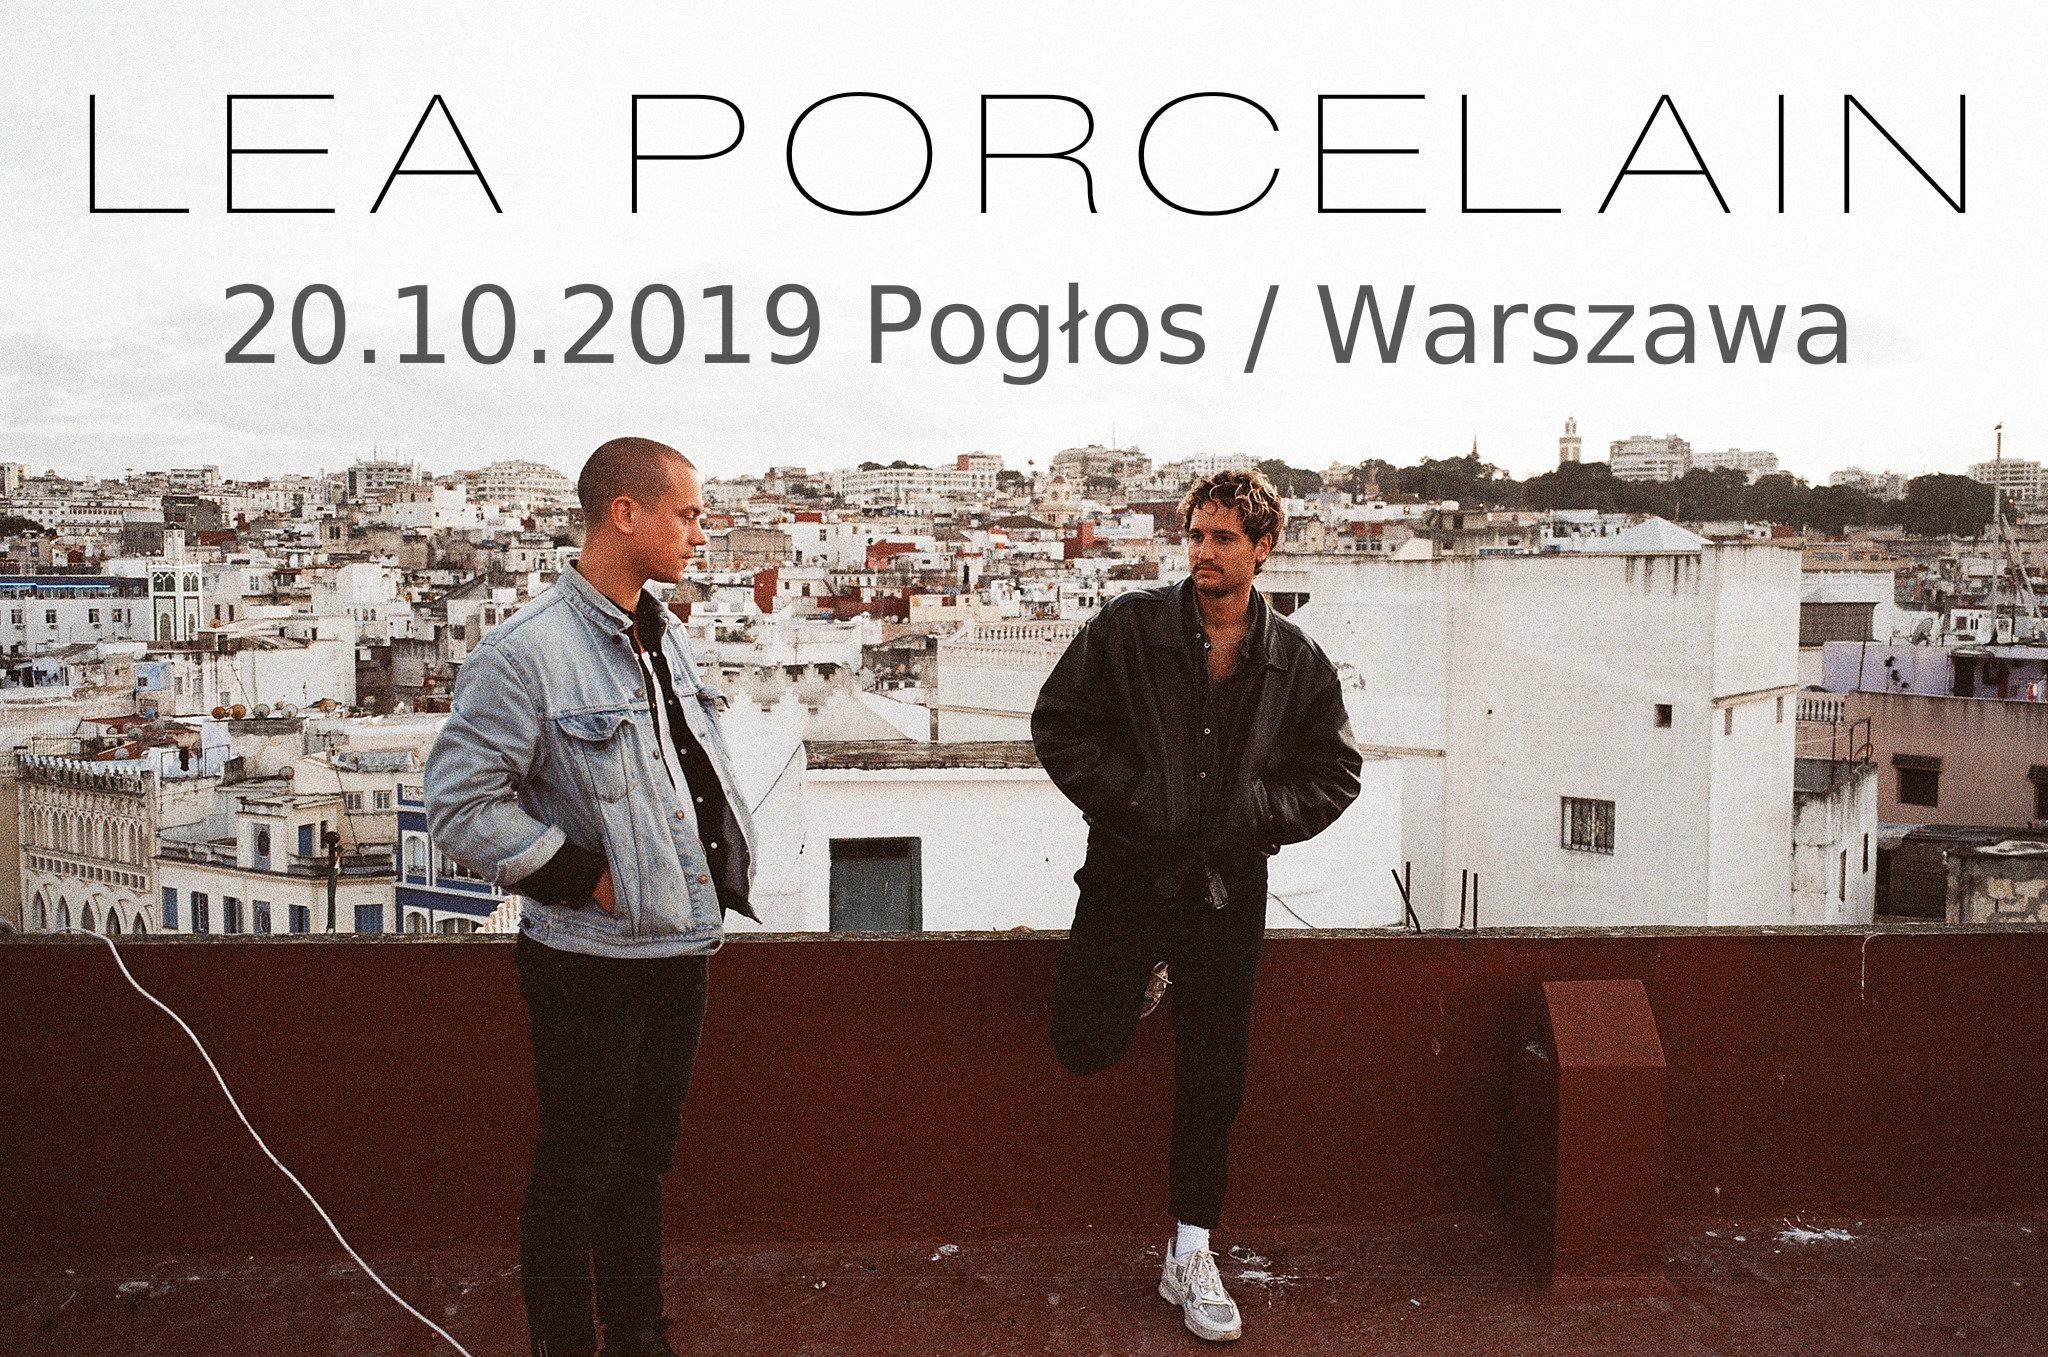 Lea Porcelain (Pogłos - Warszawa - 20.10.2019)